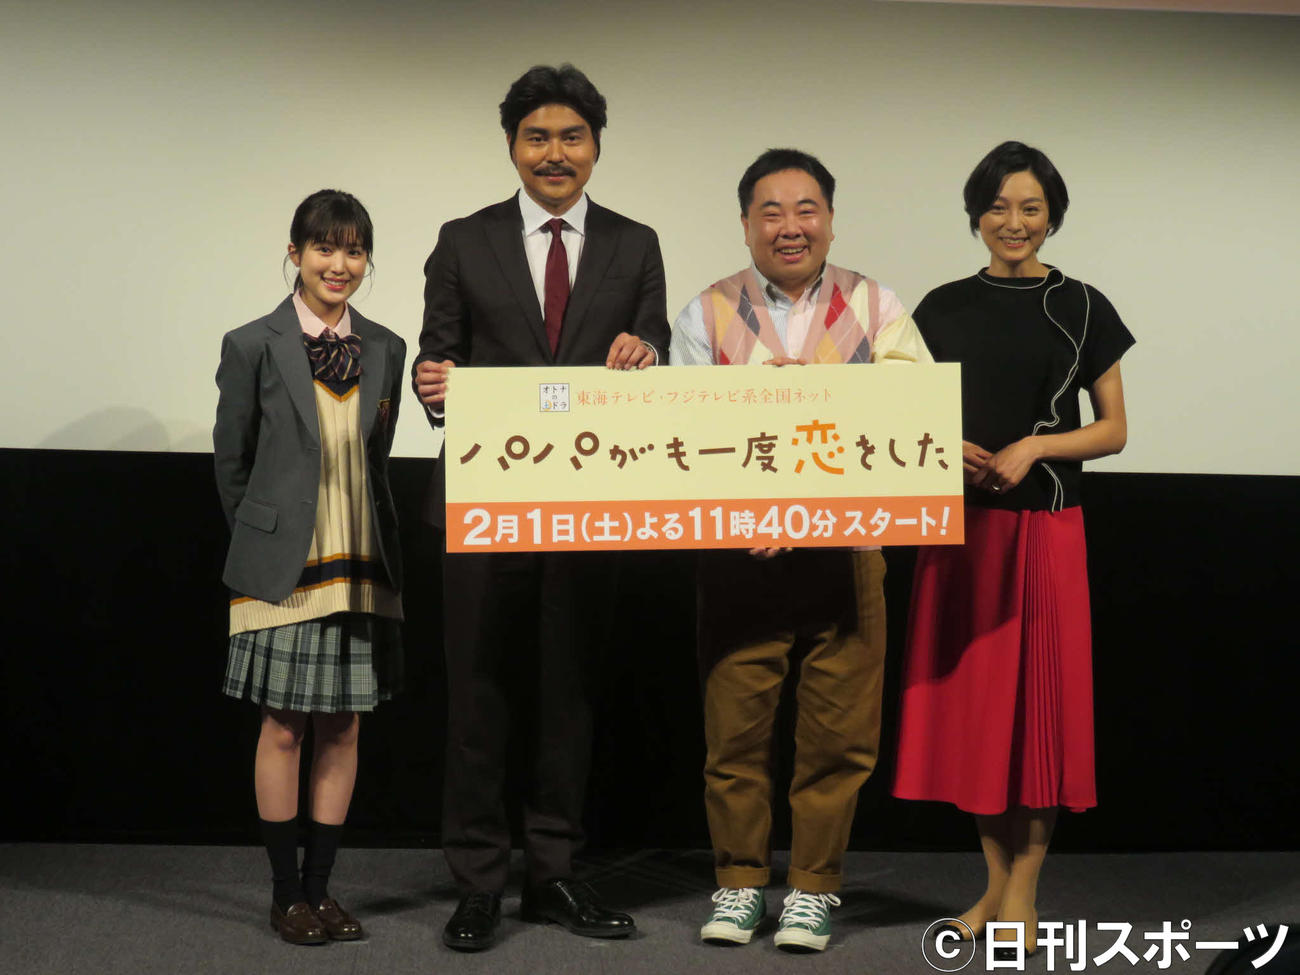 フジテレビ系「パパがも一度恋をした」の制作発表に出席した、左から福本莉子、小沢征悦、塚地武雅、本上まなみ